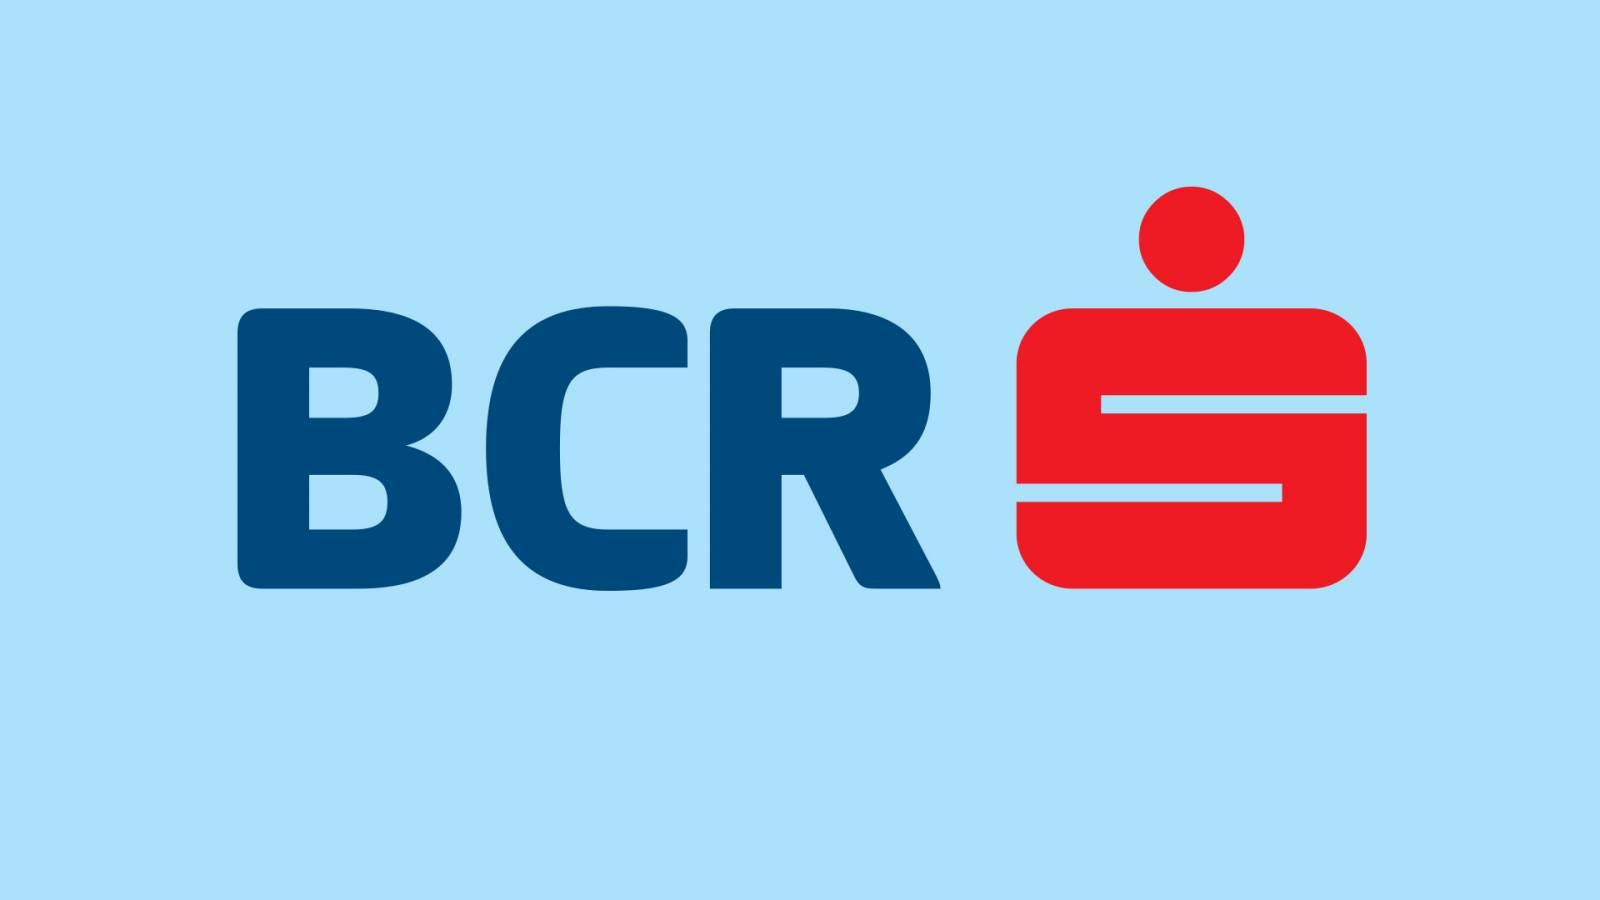 BCR robot